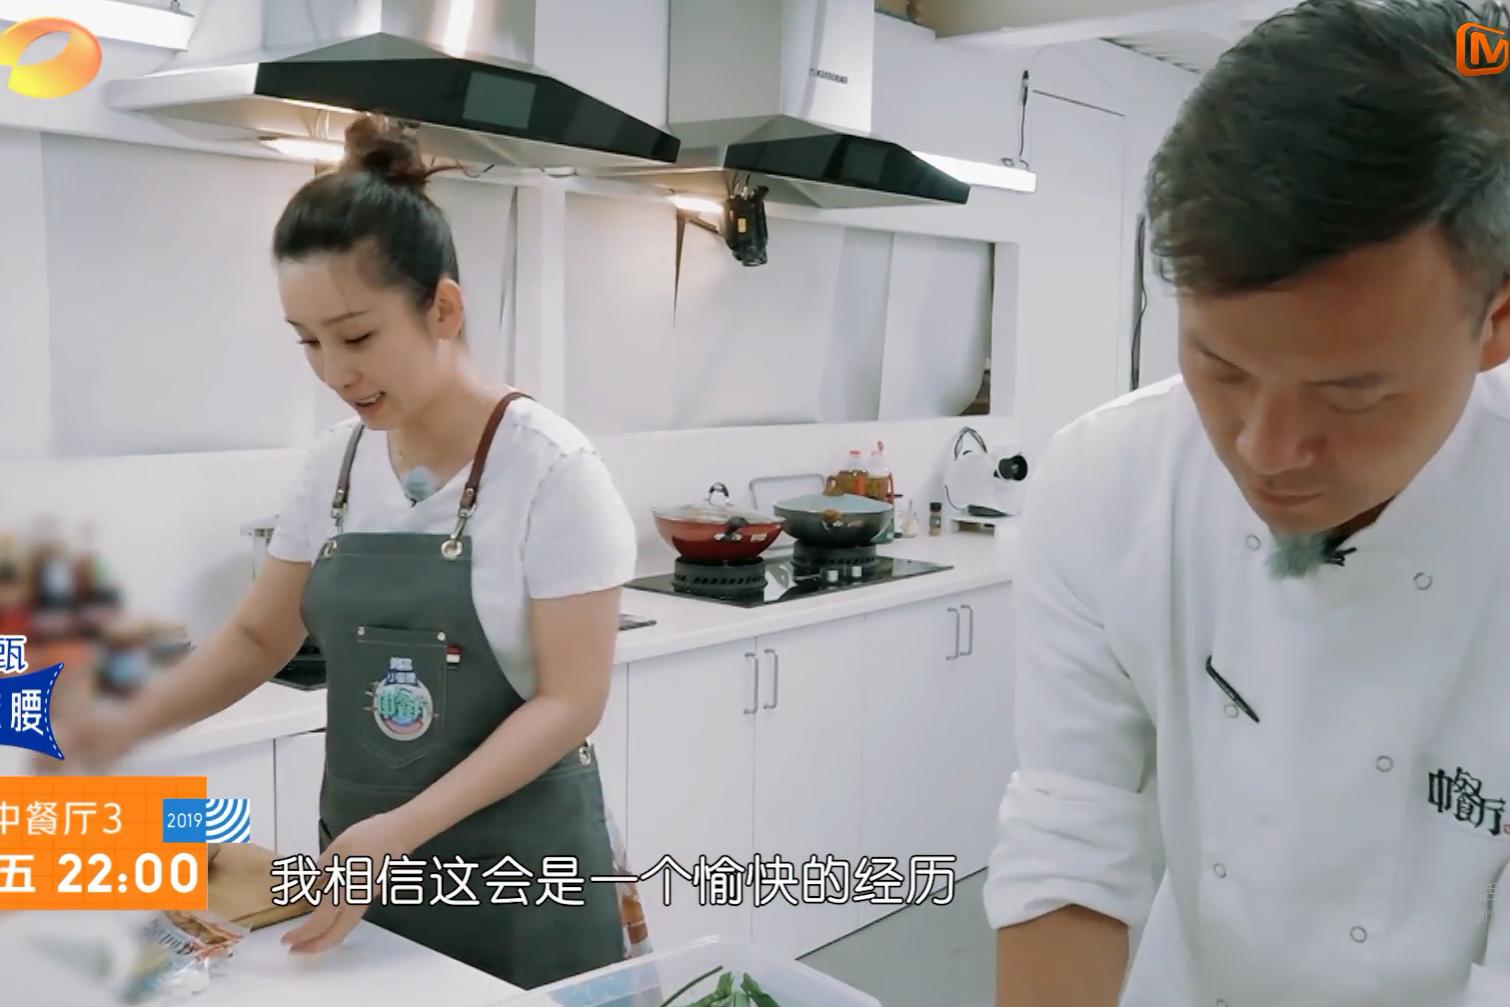 《中餐厅》秦海璐被烫伤,有谁注意她解决的方法?太让人揪心了!